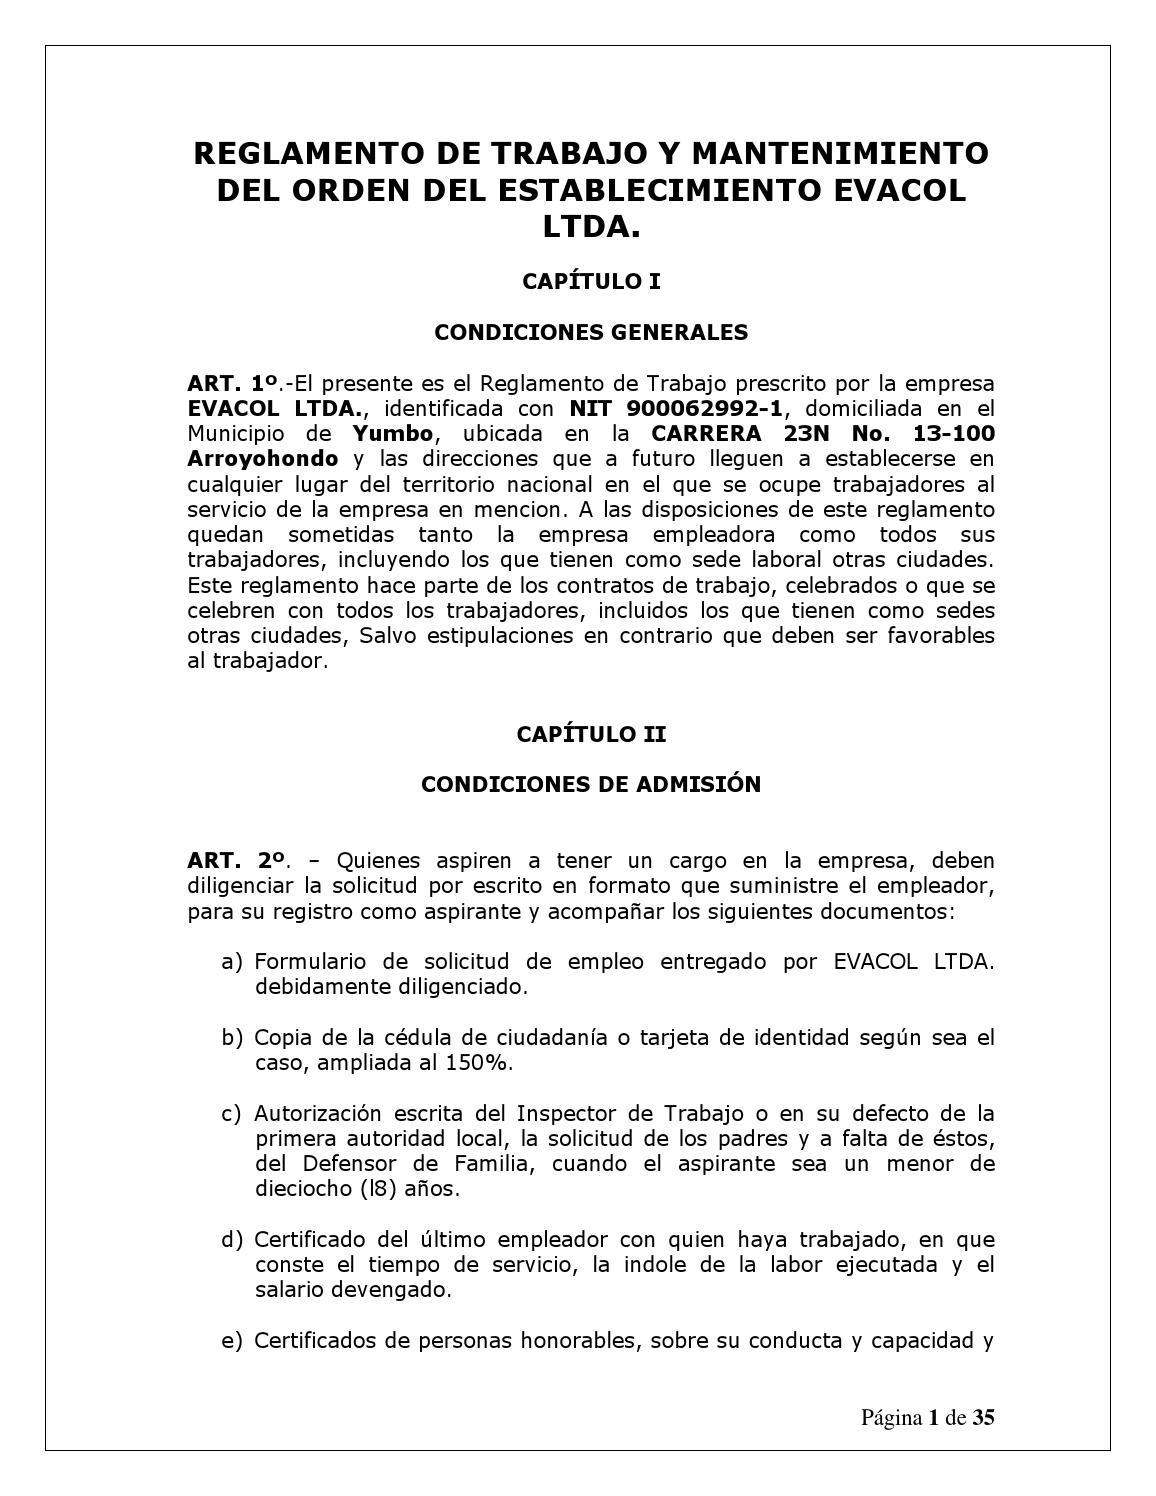 Reglamento interno de trabajo evacol ltda 21 ene 2014 2 for Ministerio de seguridad telefonos internos